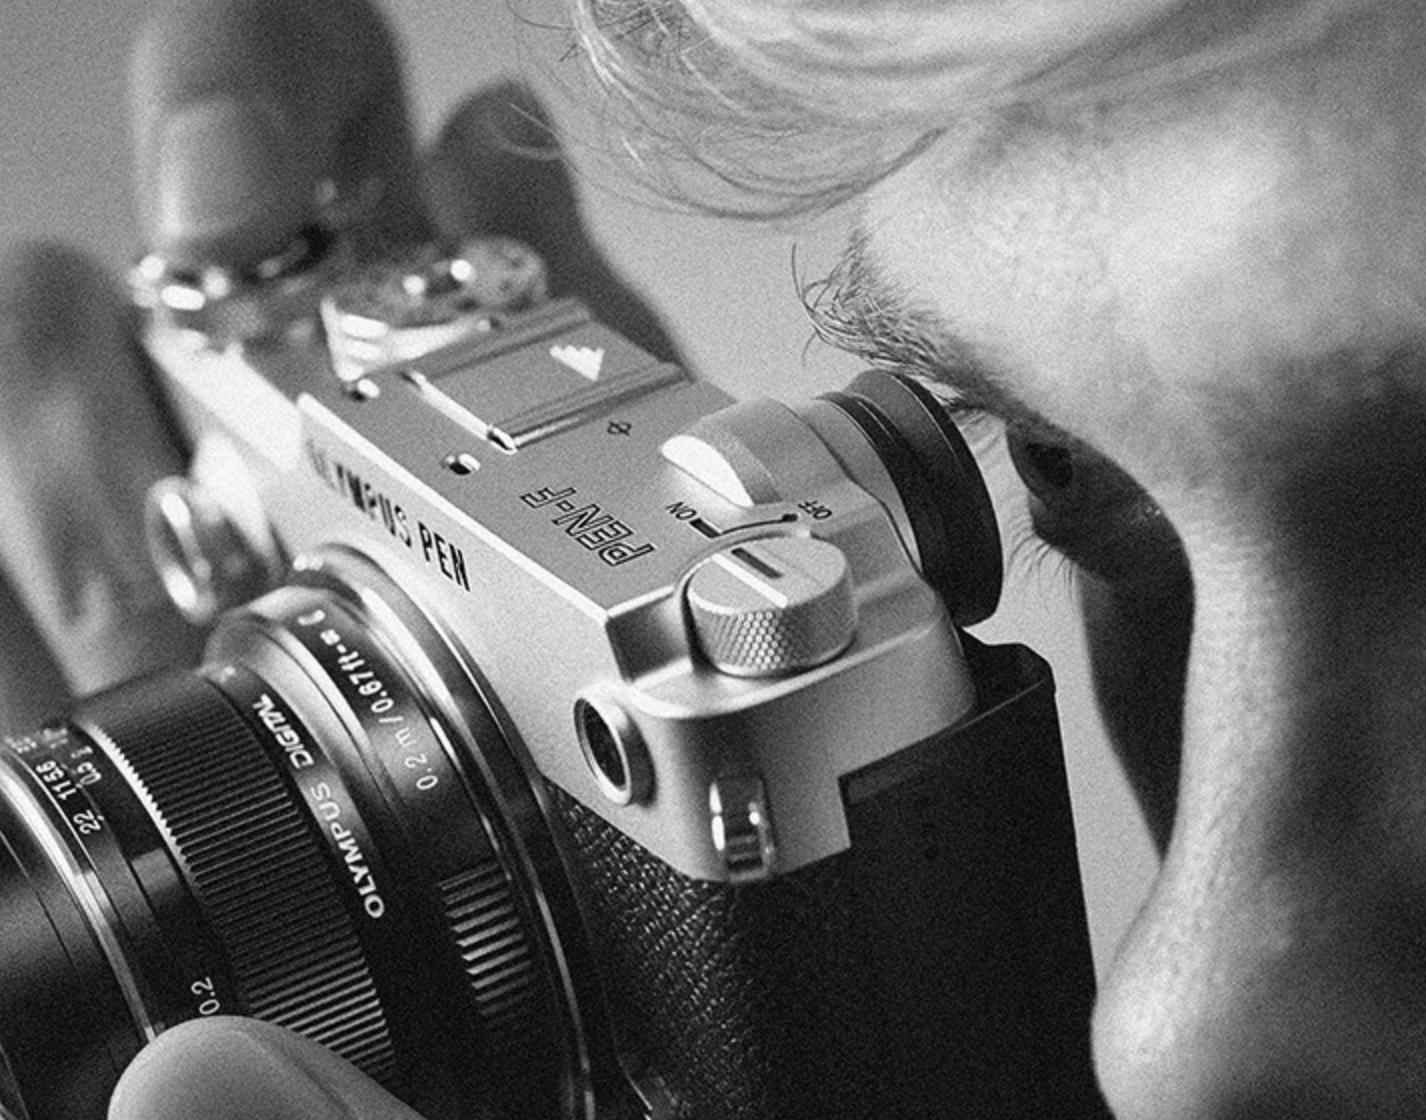 美しいデザインが印象的 デジタルで蘇ったプレミアムミラーレスカメラ